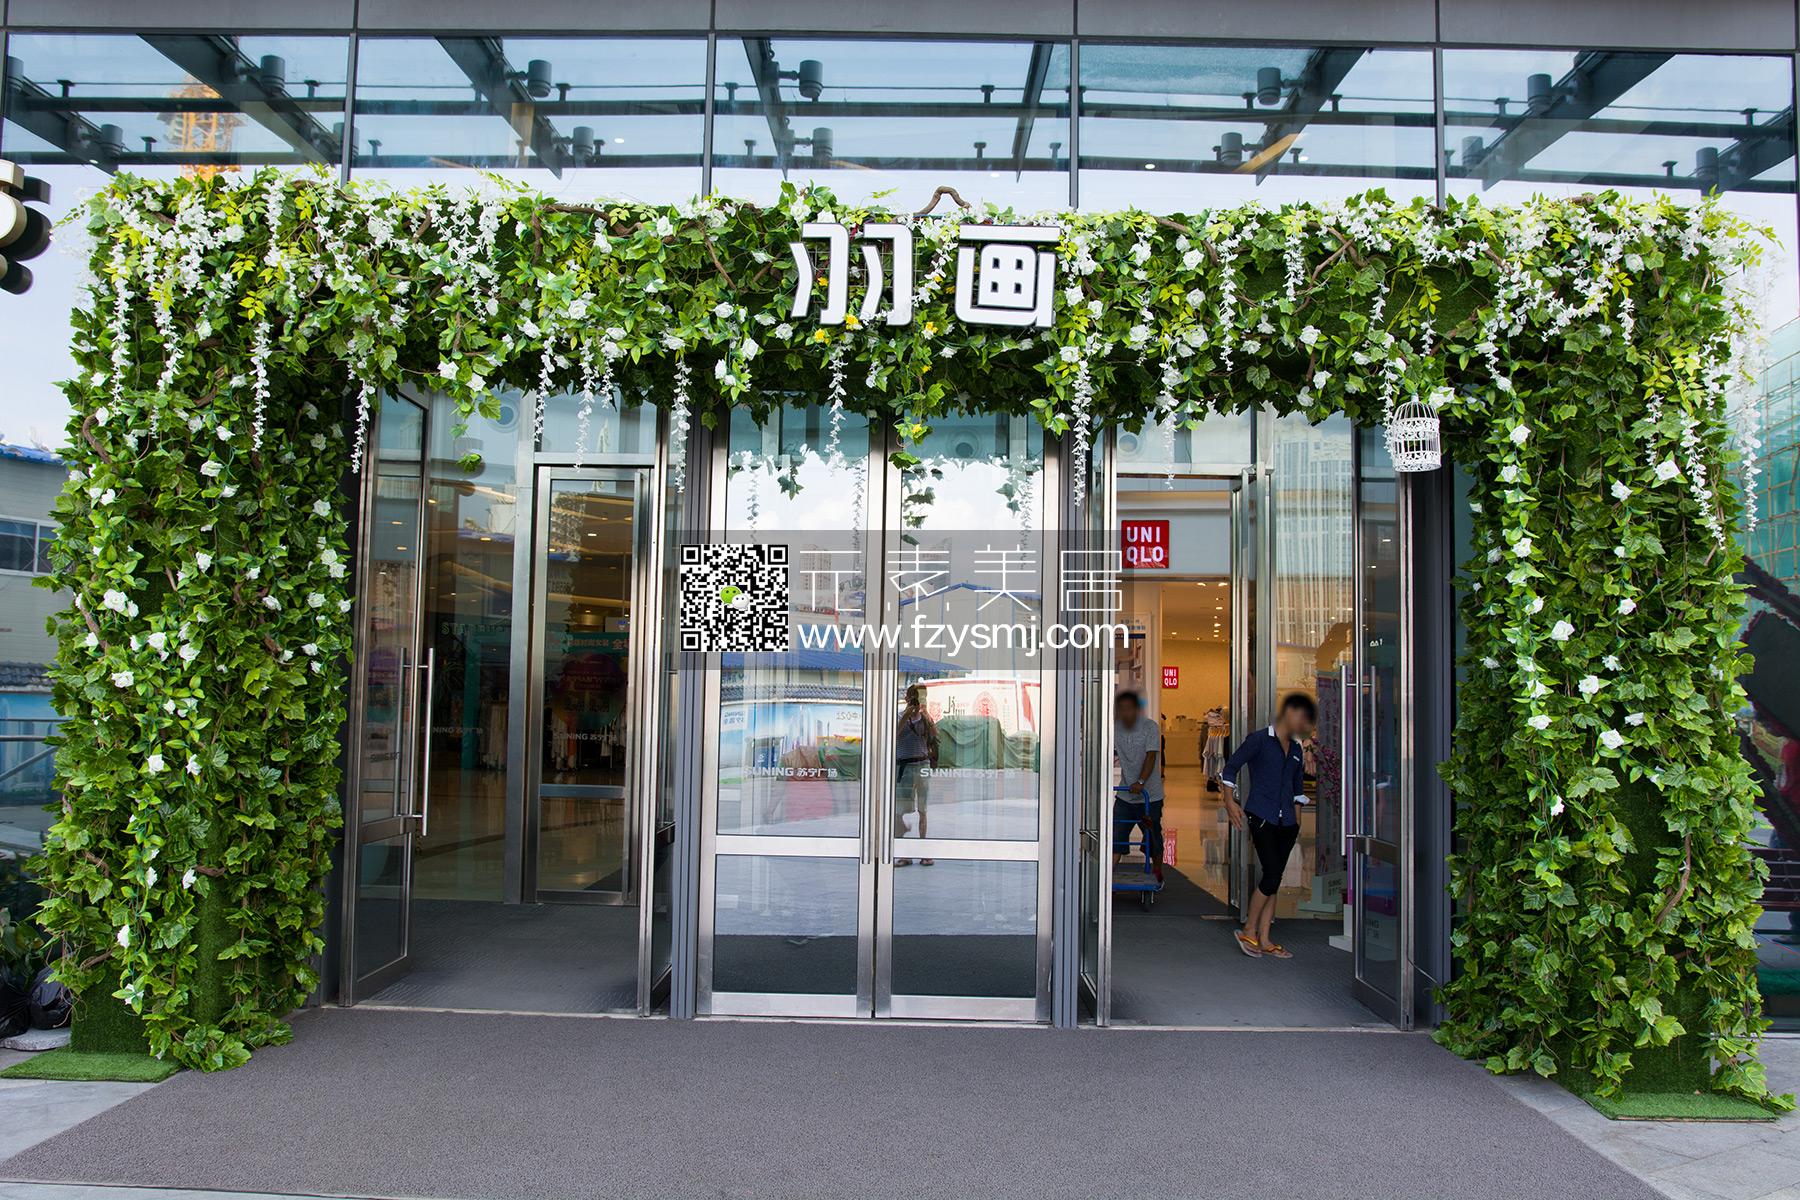 羽画-植物墙门头装饰案例02